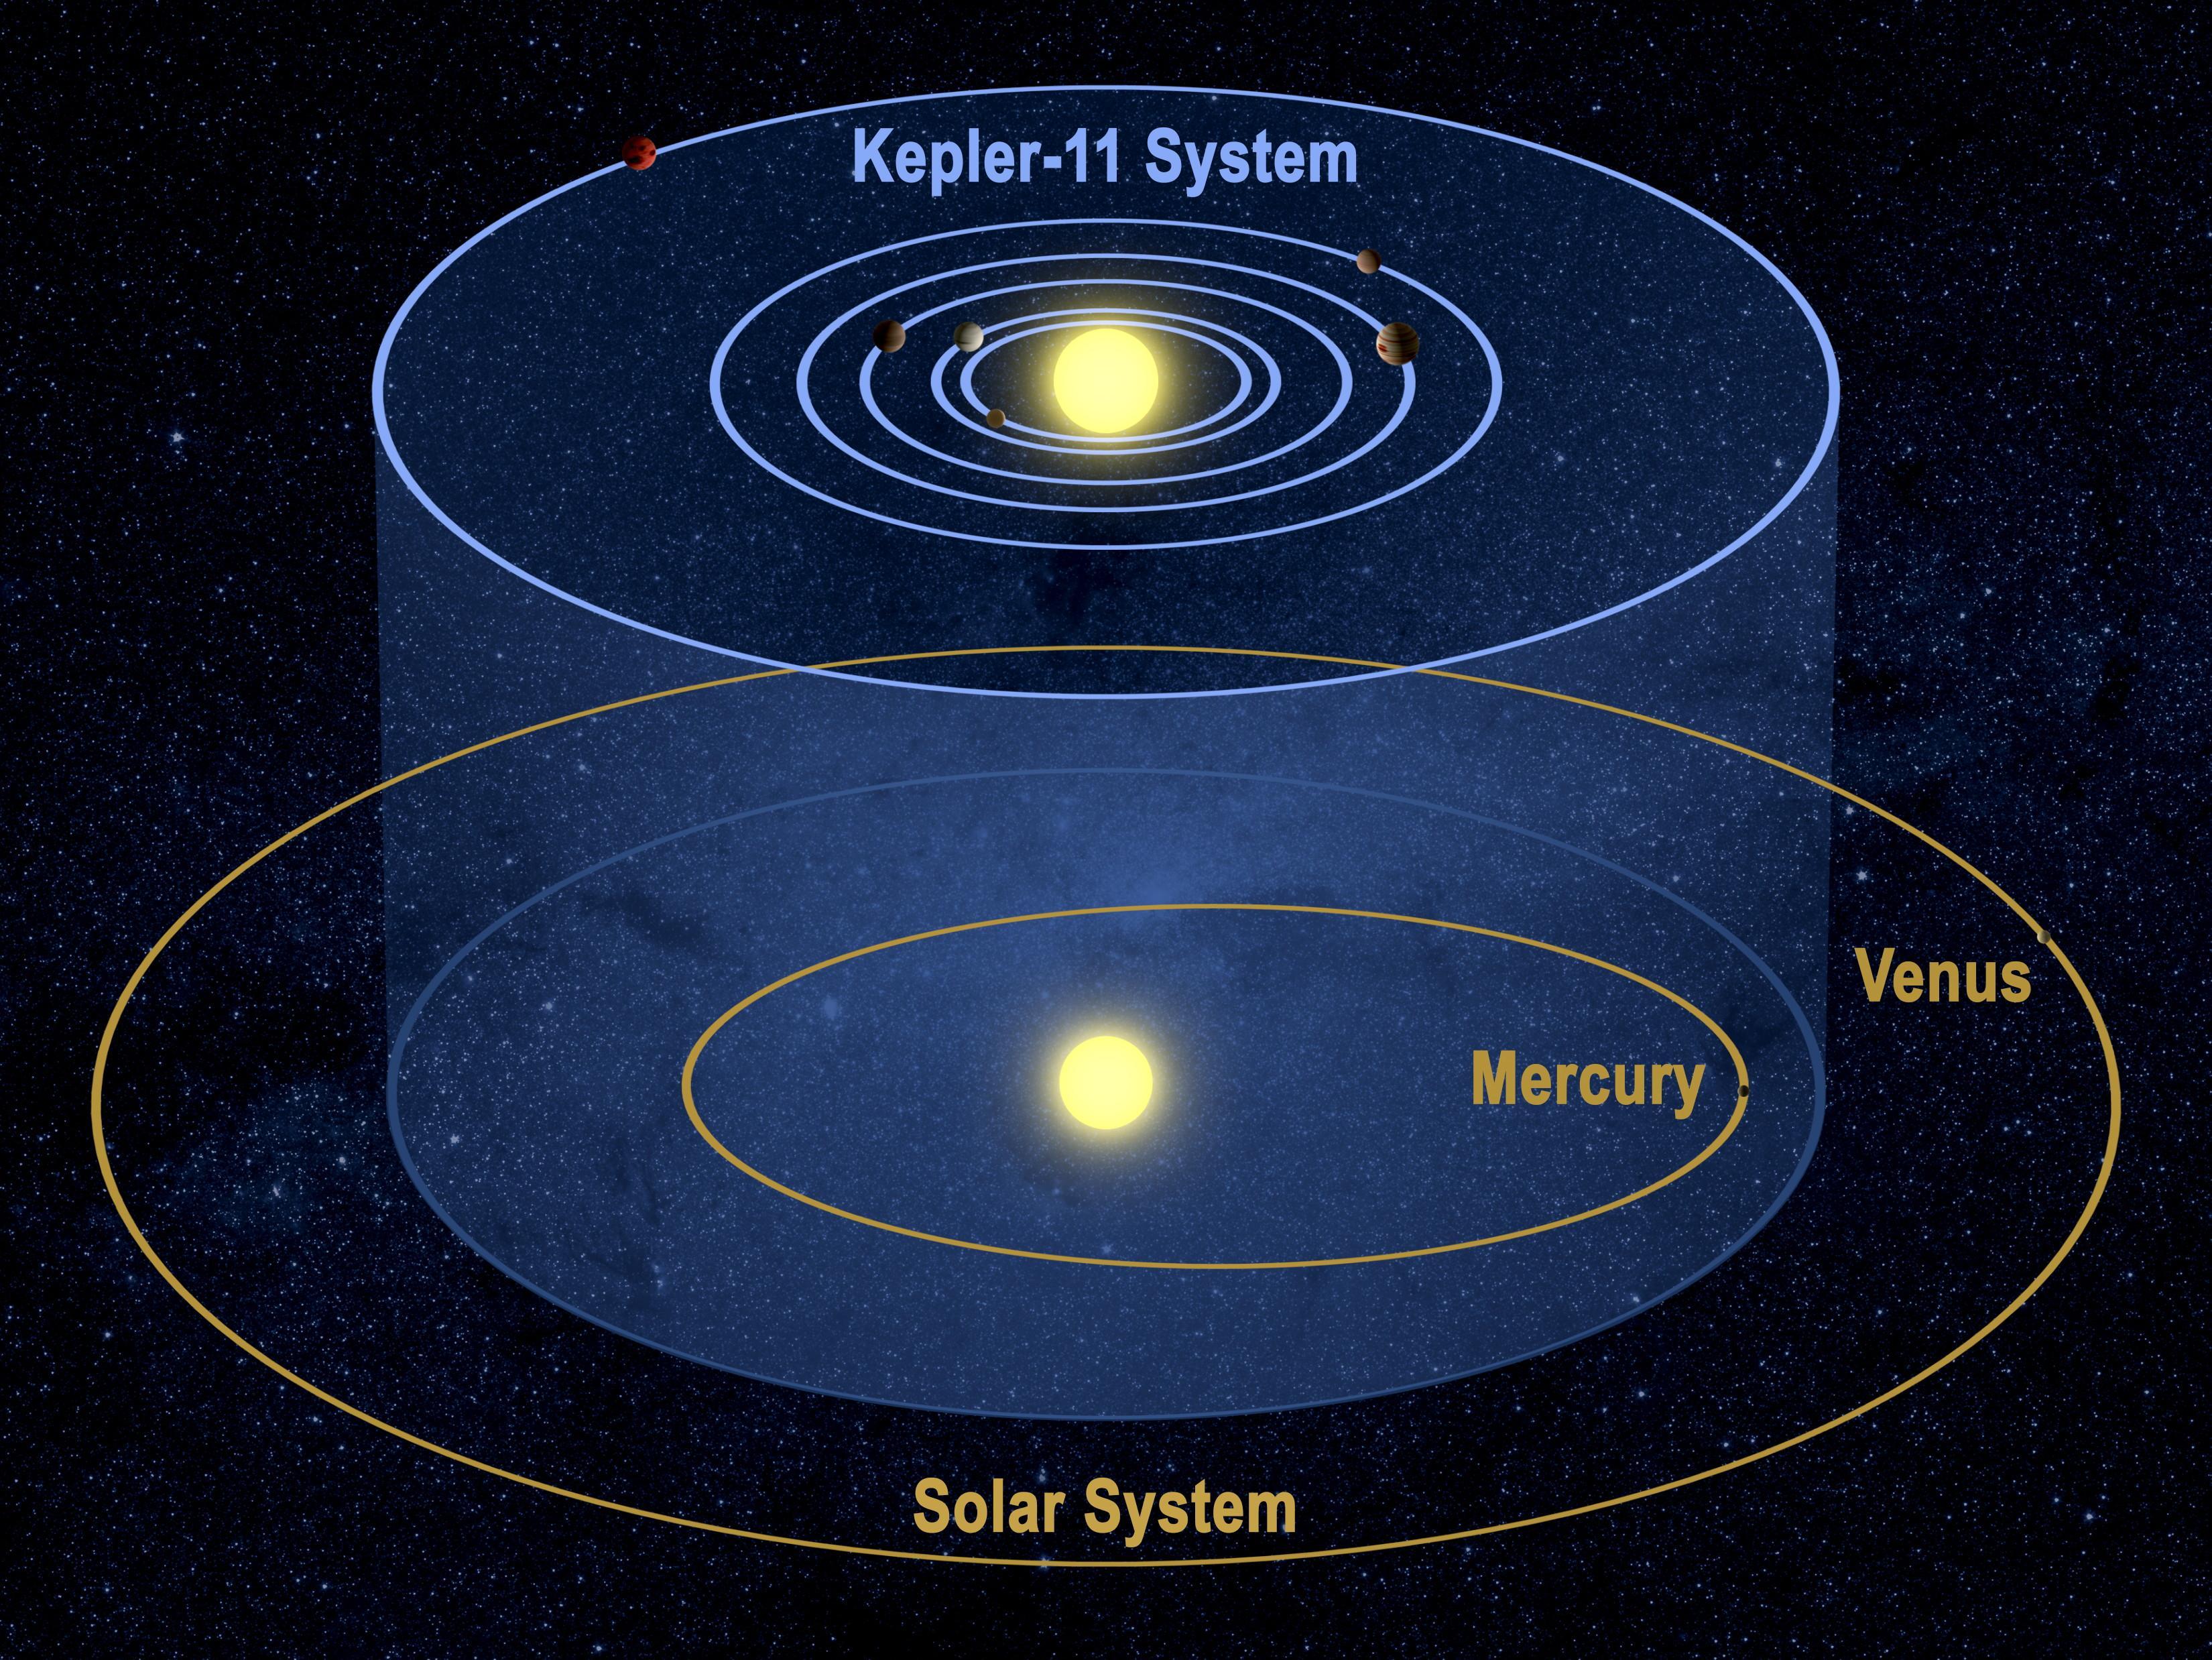 http://www.nasa.gov/images/content/511883main_Kepler-11_SolSystemCompare_full.jpg